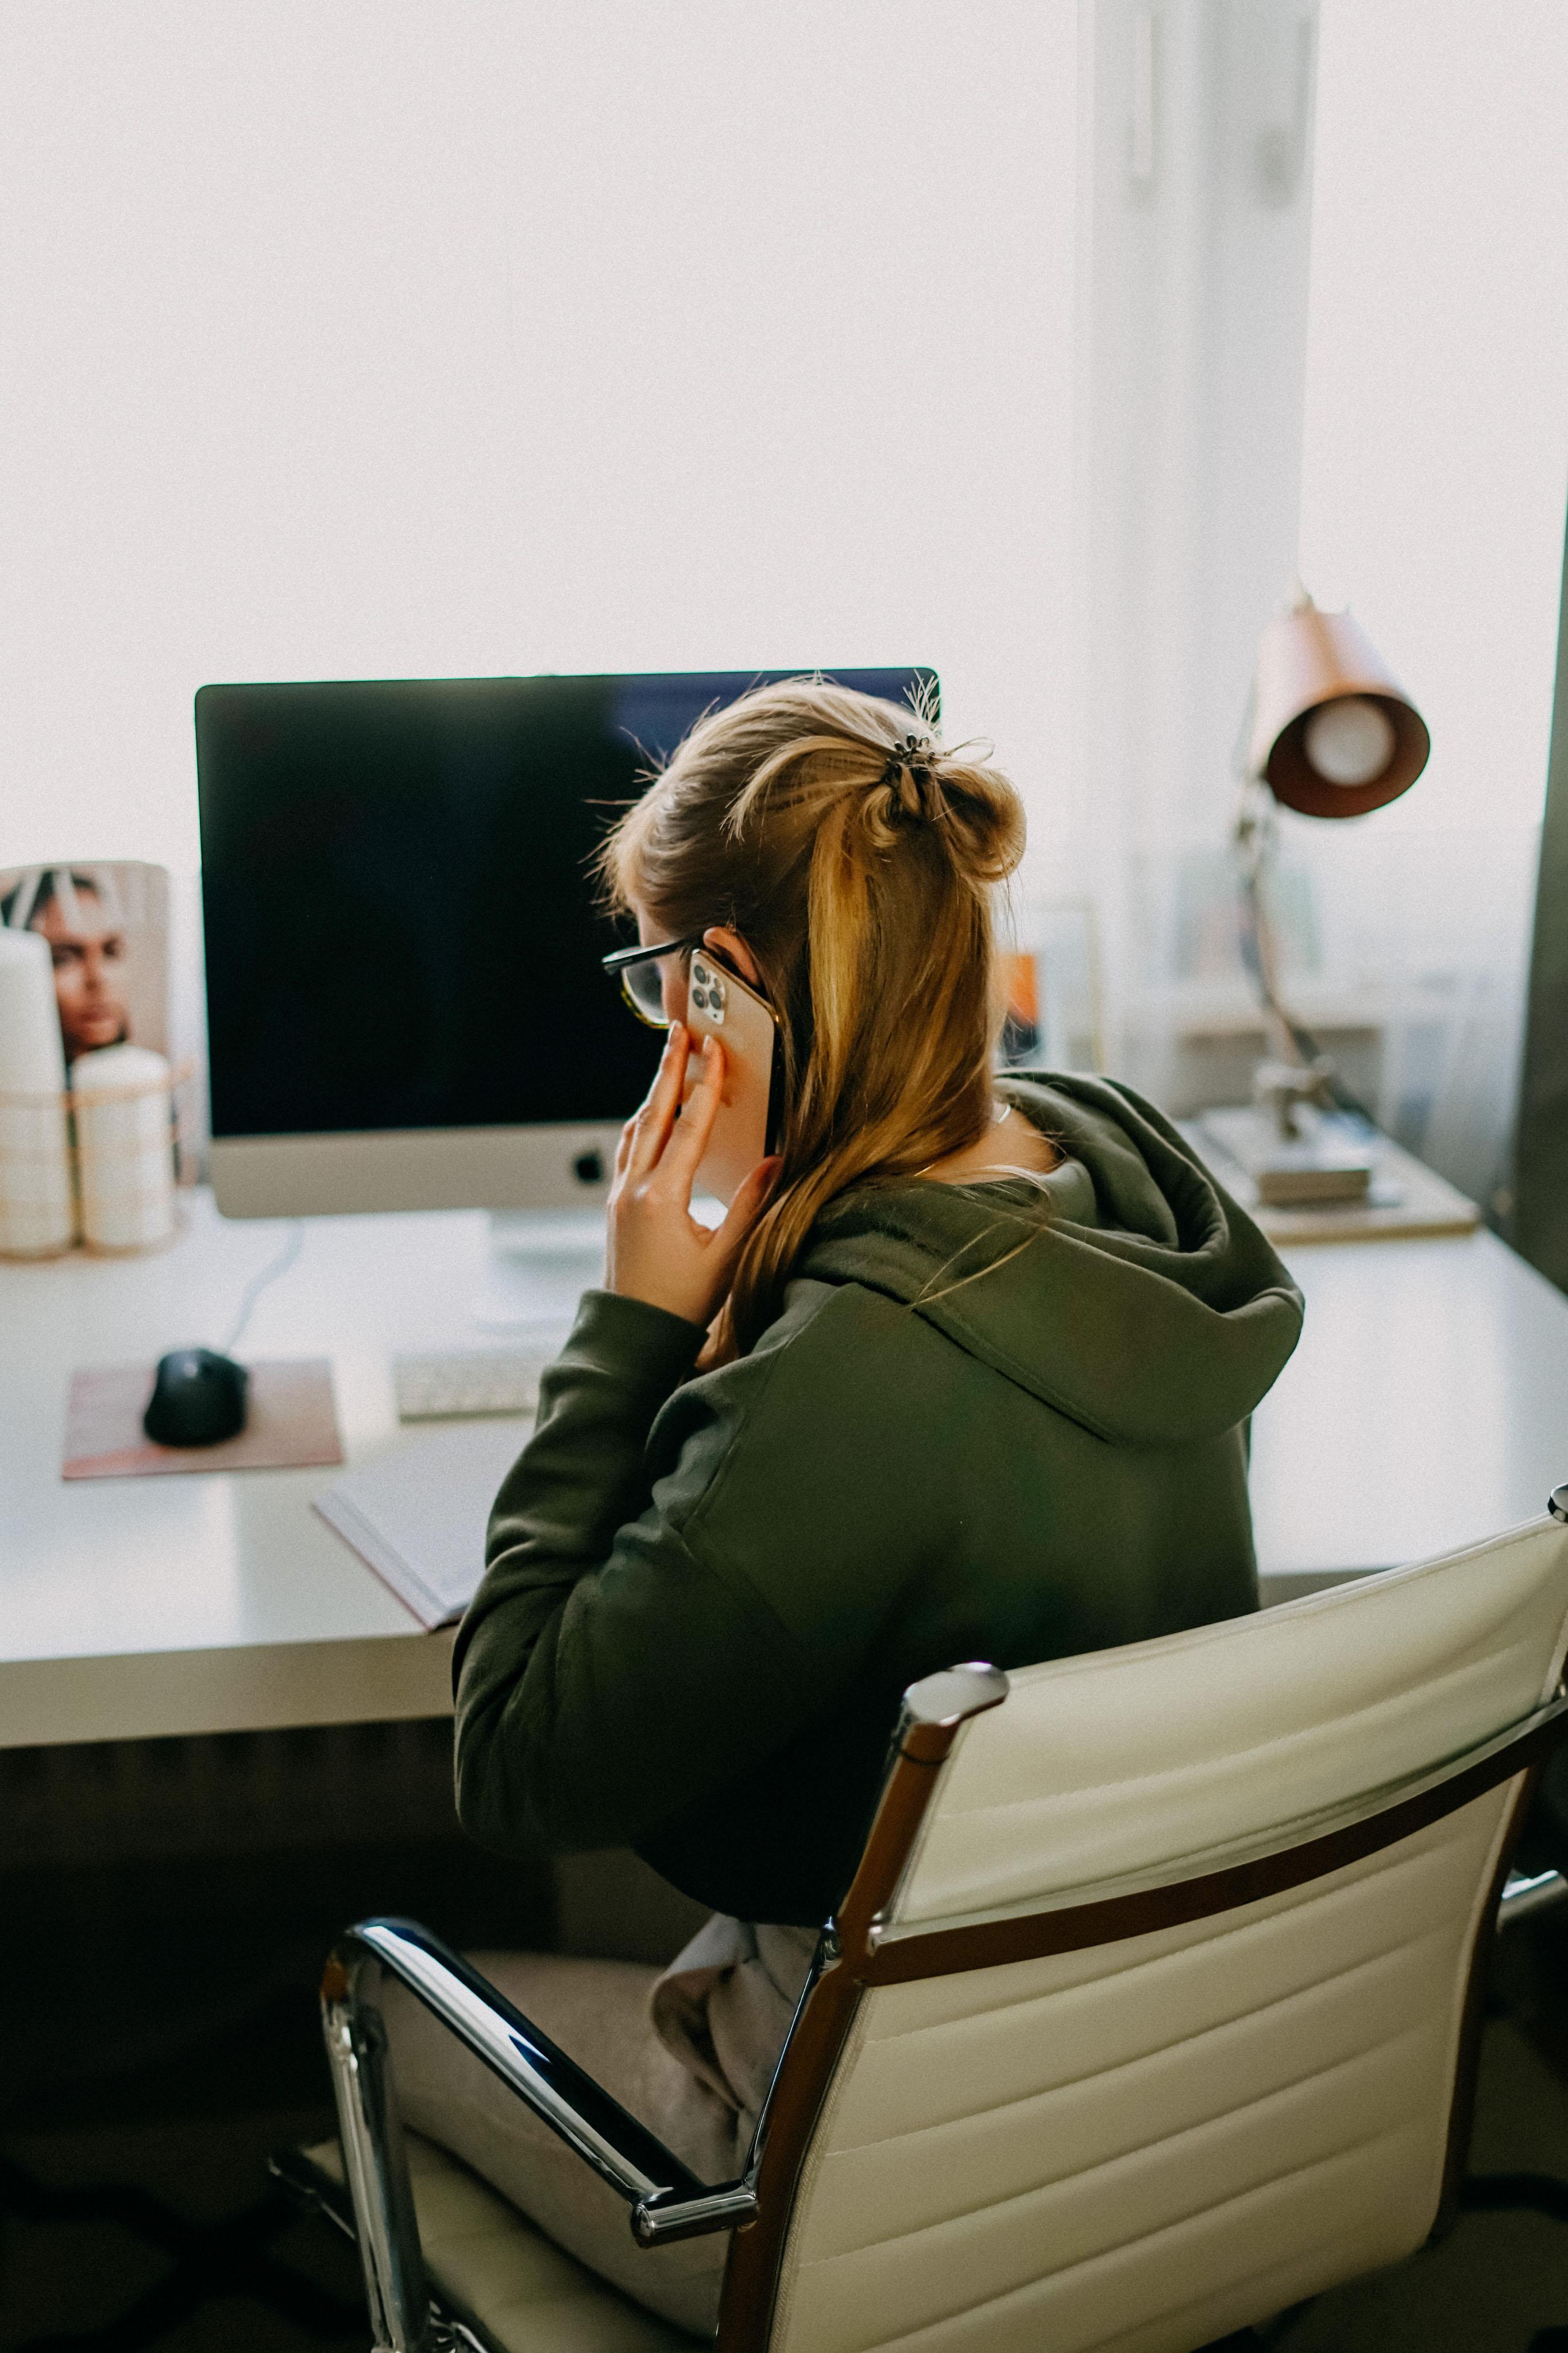 Karriere Tipps Erfolgreich Arbeiten im Home Office Businesswoman Karrierefrau Business Tipps Dos Donts Home Office Regeln 5